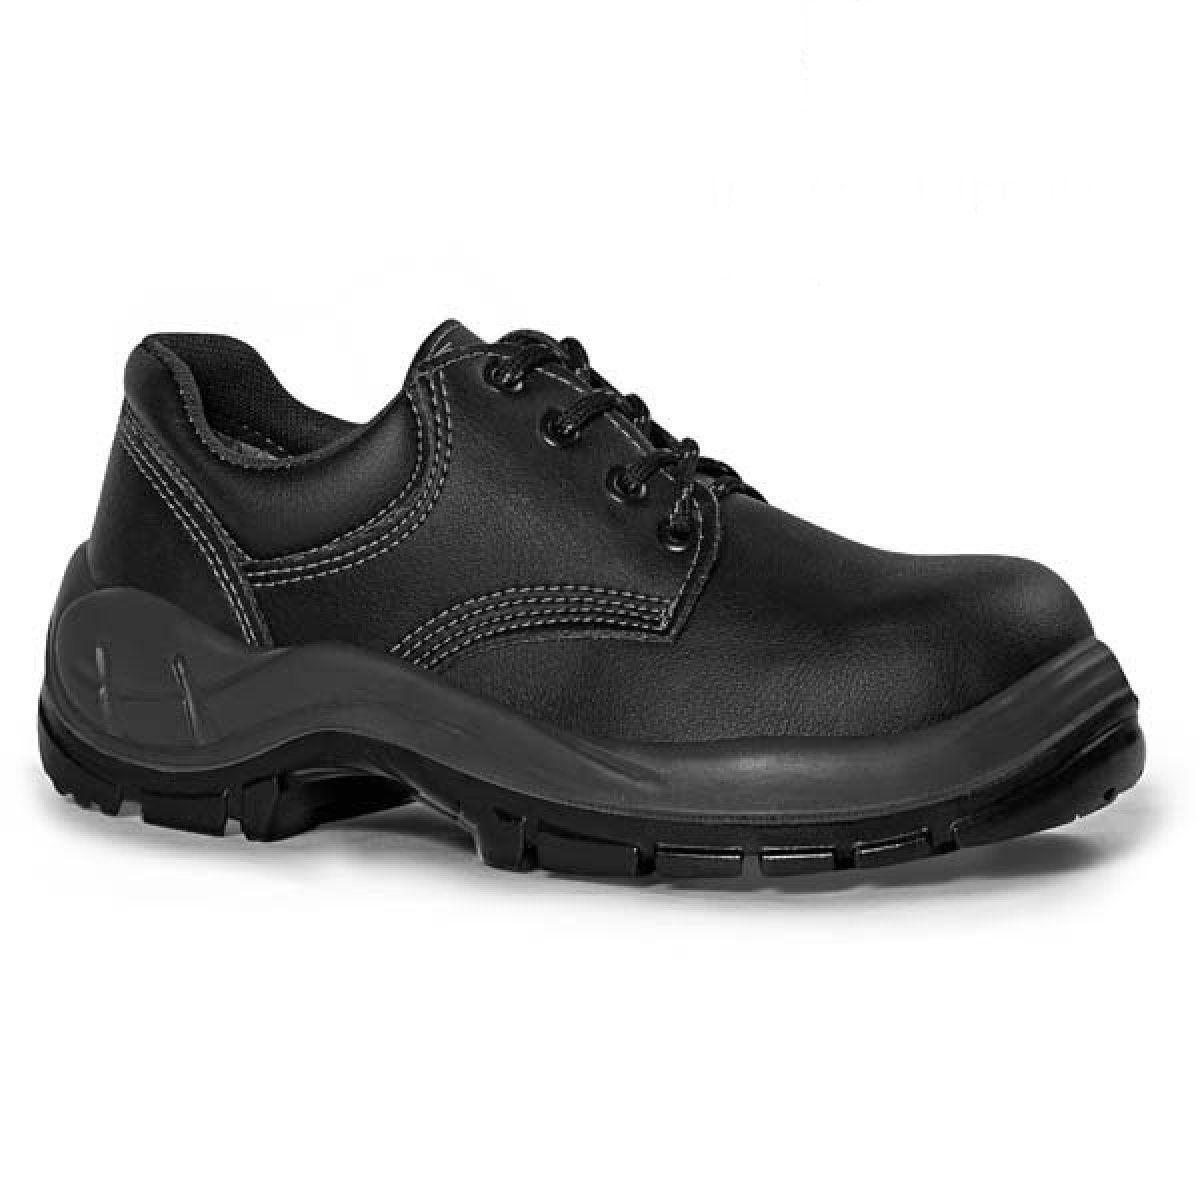 Sapato c/ Cadarço Bidensidade s/ Bico de Aço Preto N°43 - BRACOL